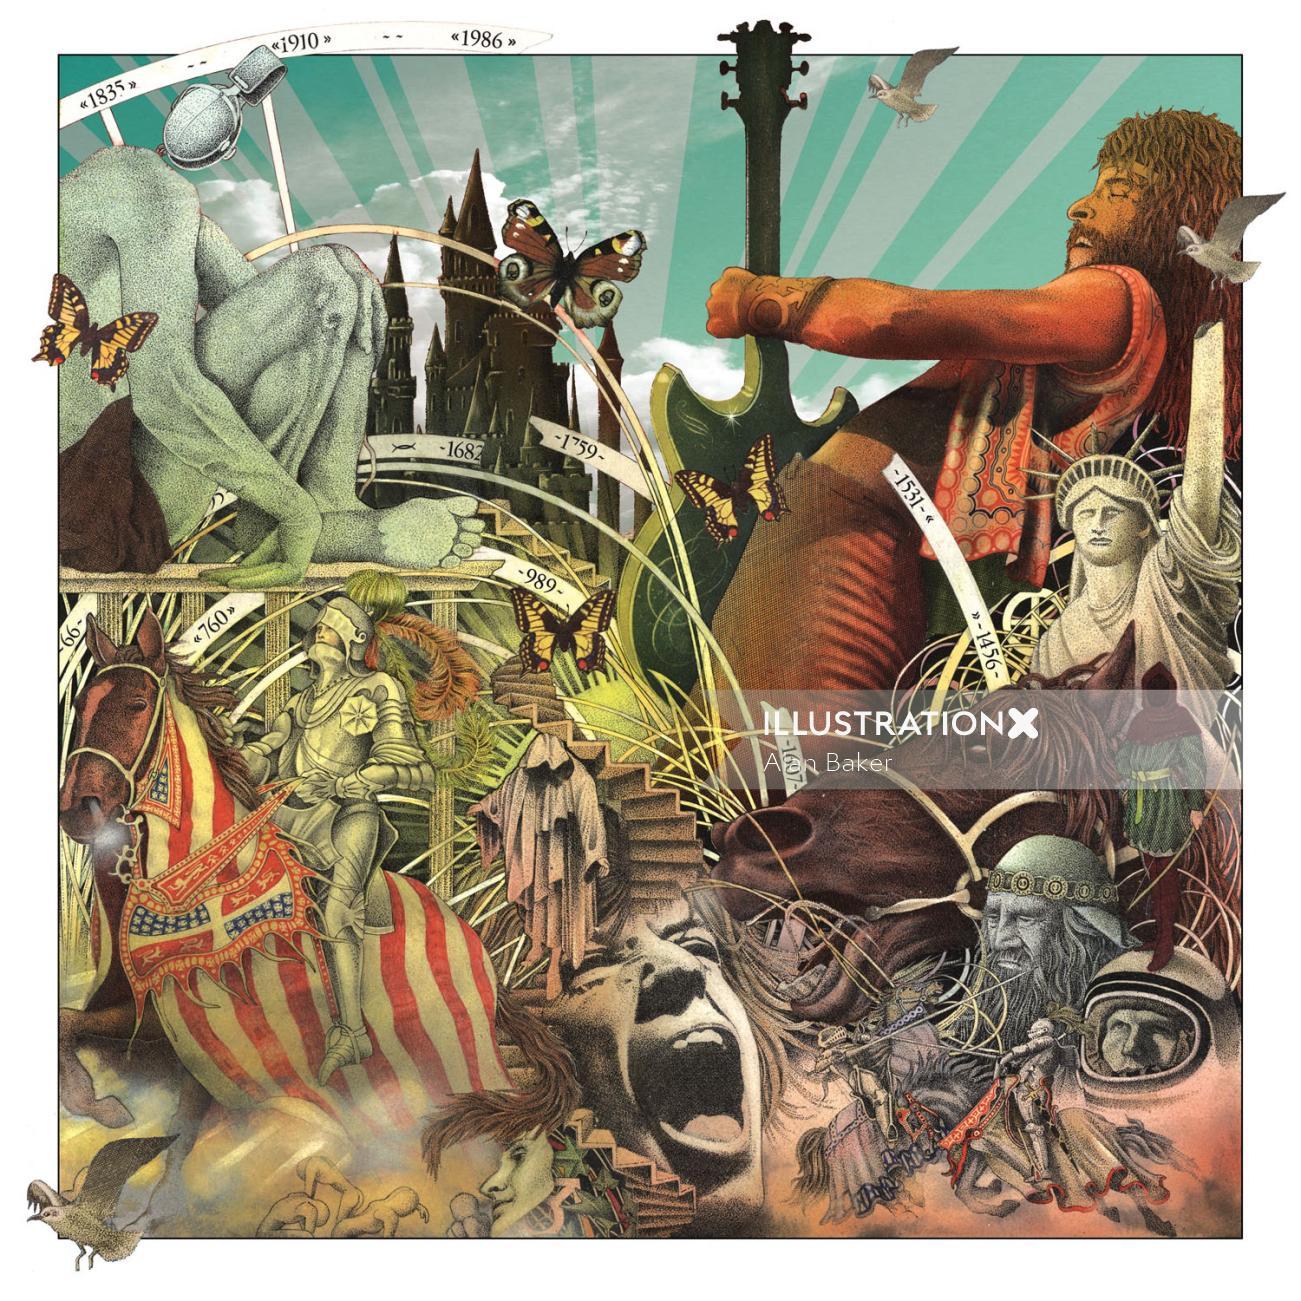 Fantasy illustration by Alan Baker